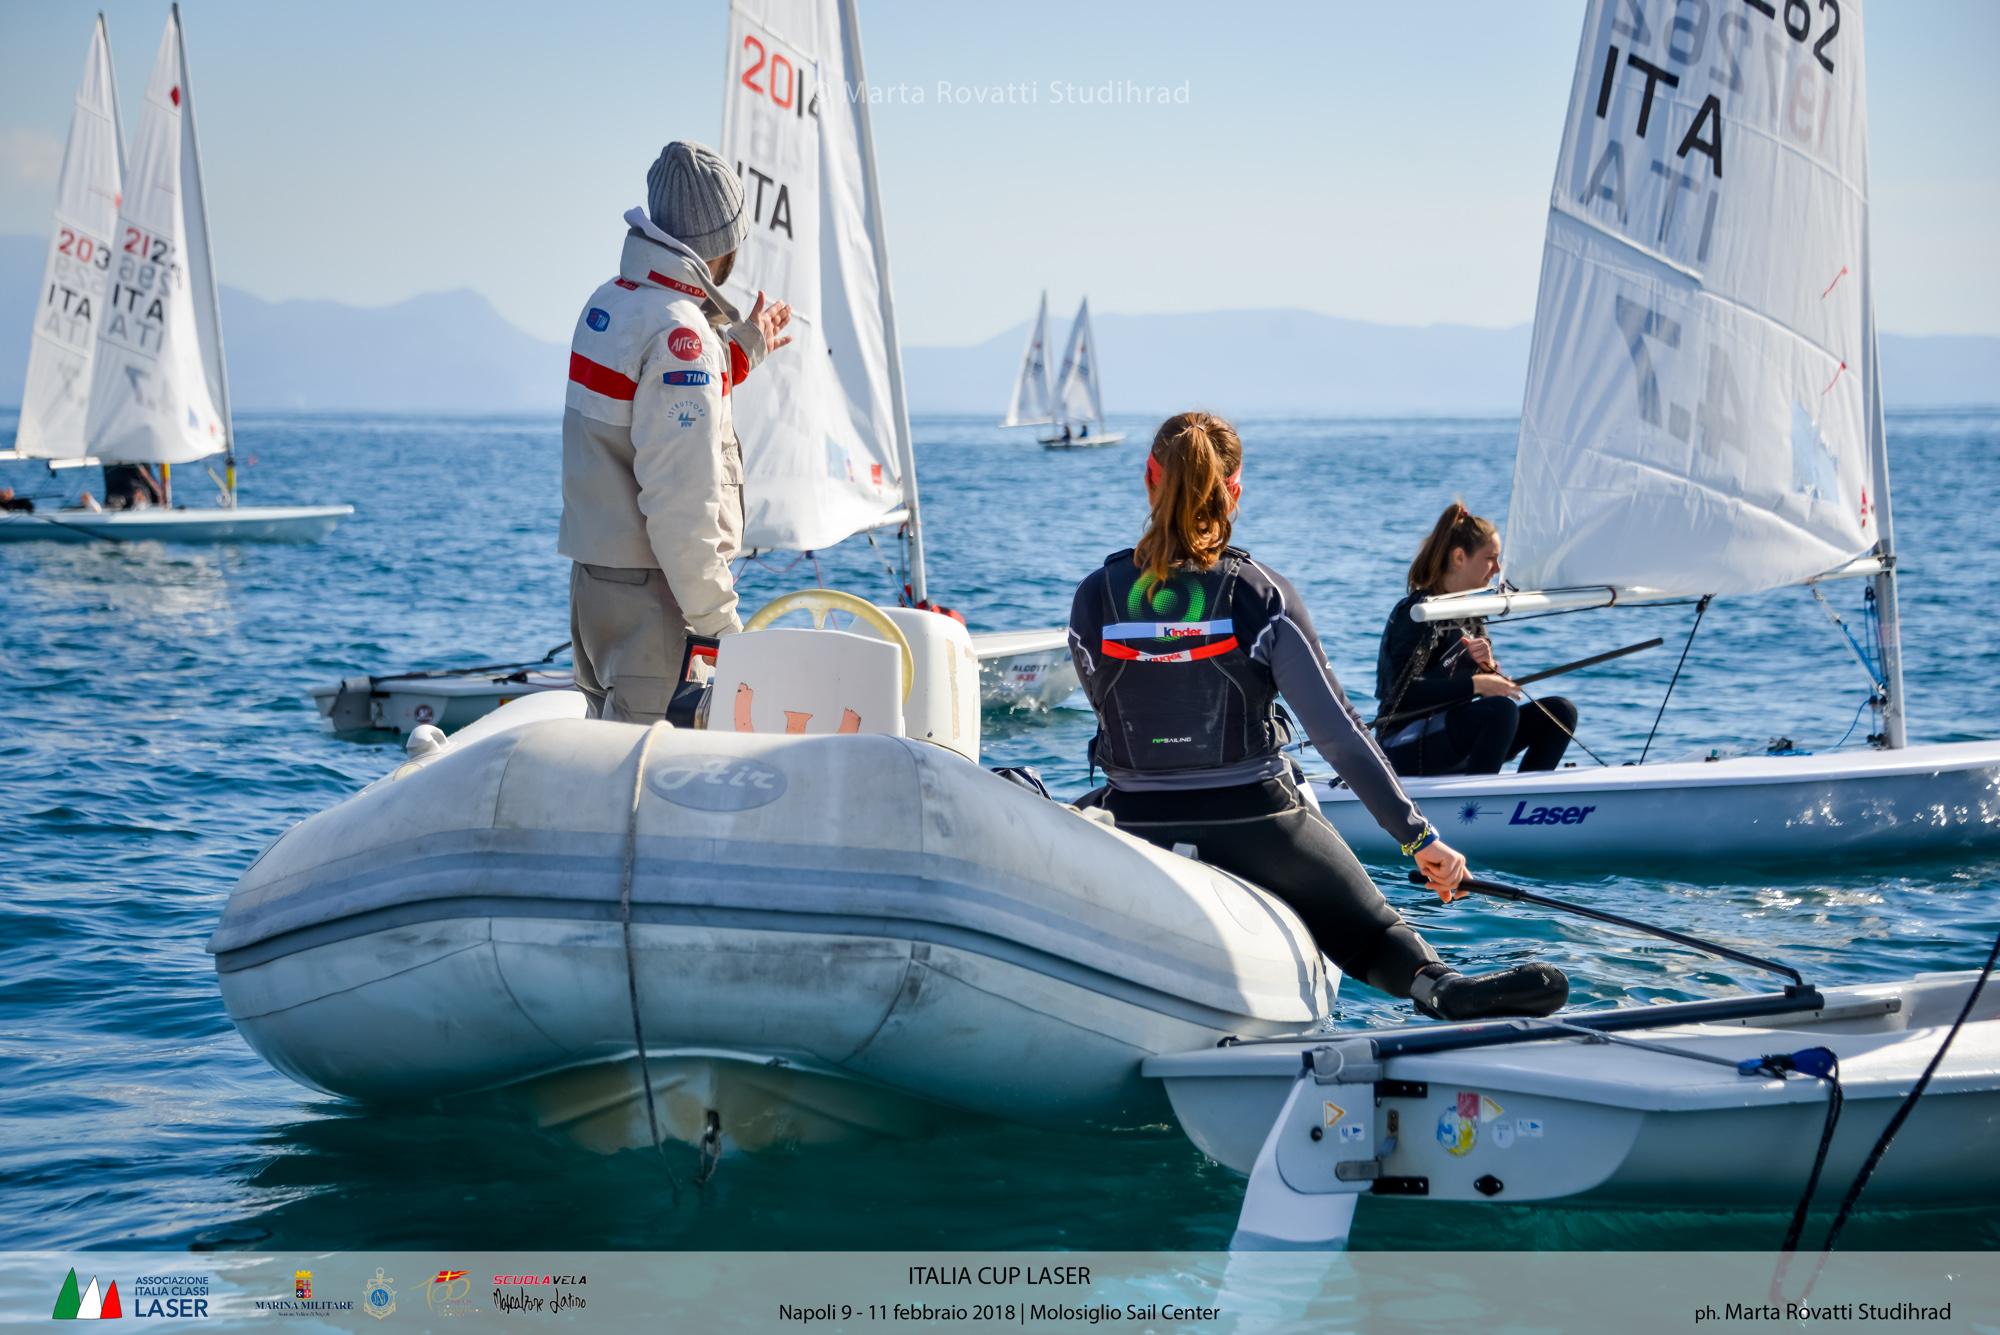 Associazione-Italia-Classi-Laser-2018-NapoliMGR_9866